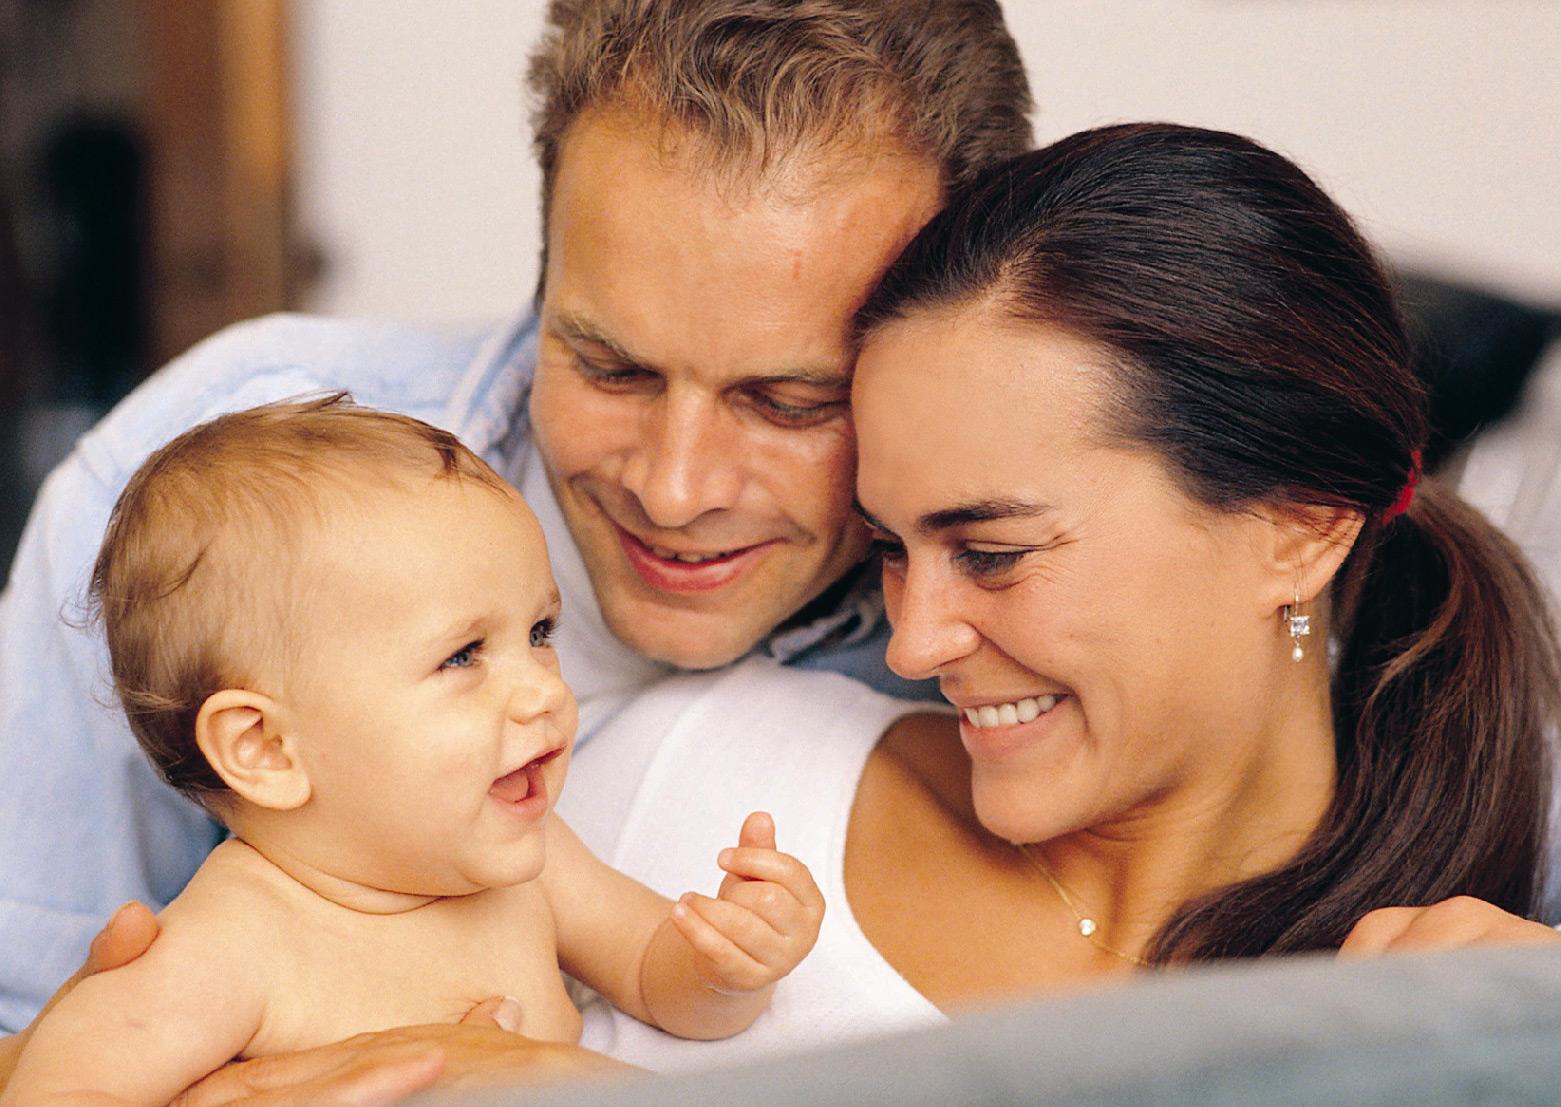 актерский состав мужчина без семьи и детей почему аккуратно прочистит каналы